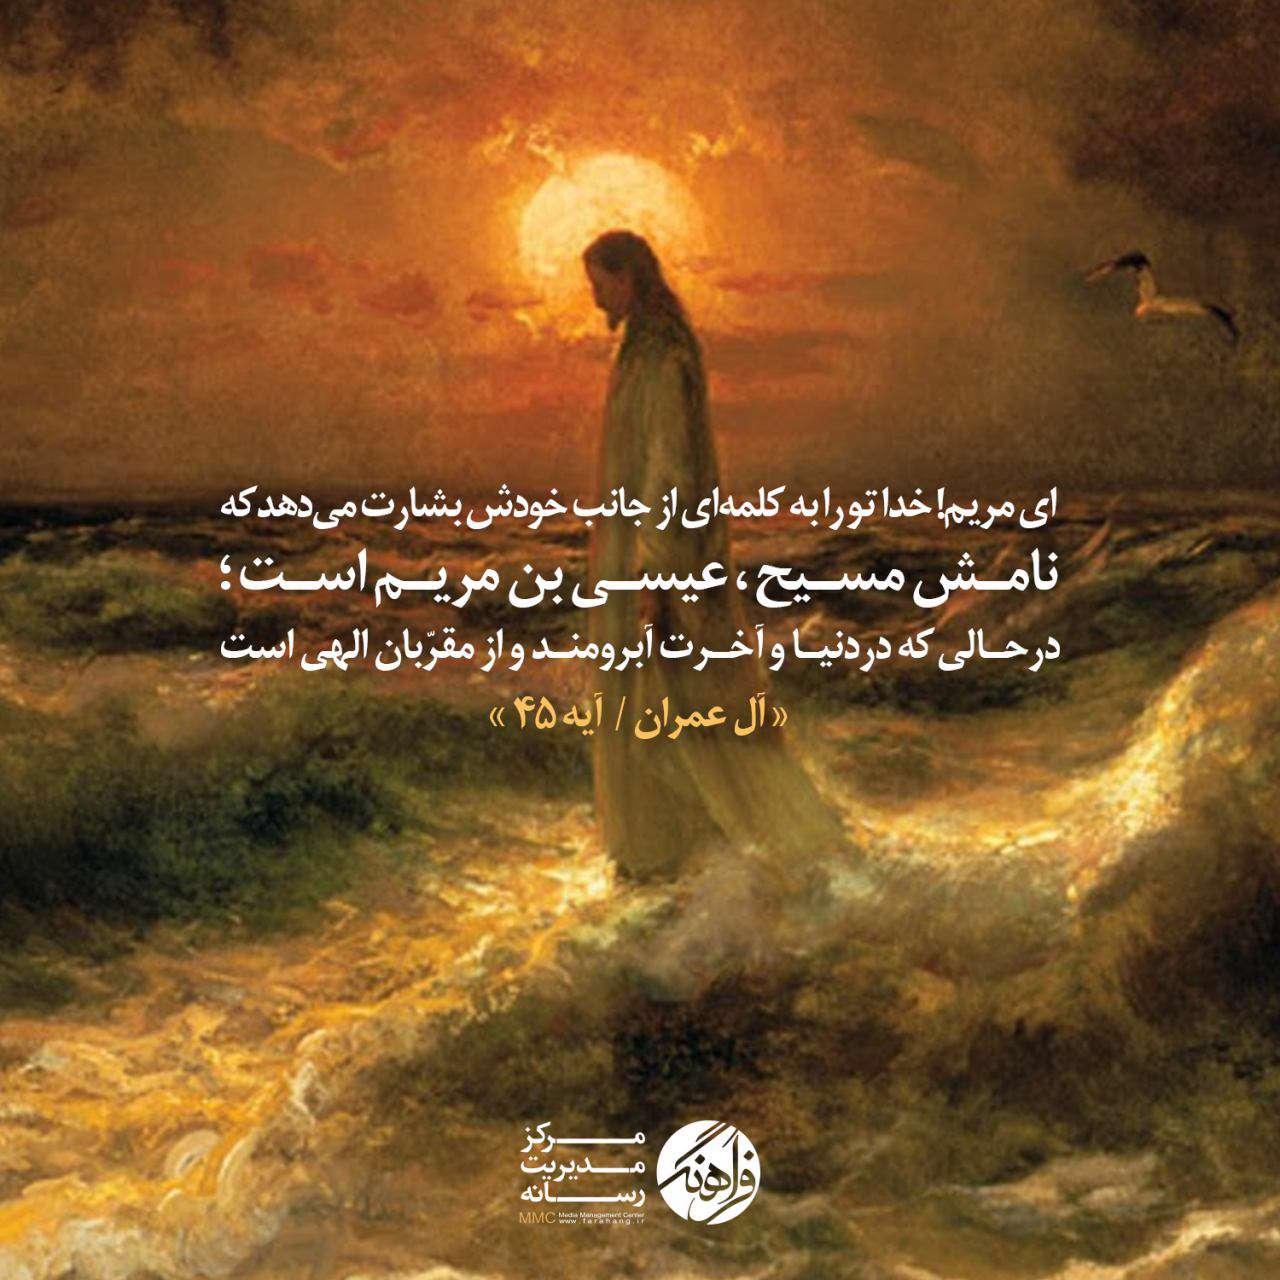 سالروز میلاد حضرت عیسی مسیح علیهالسلام بر تمامی هموطنان مسیحی مبارک باد.